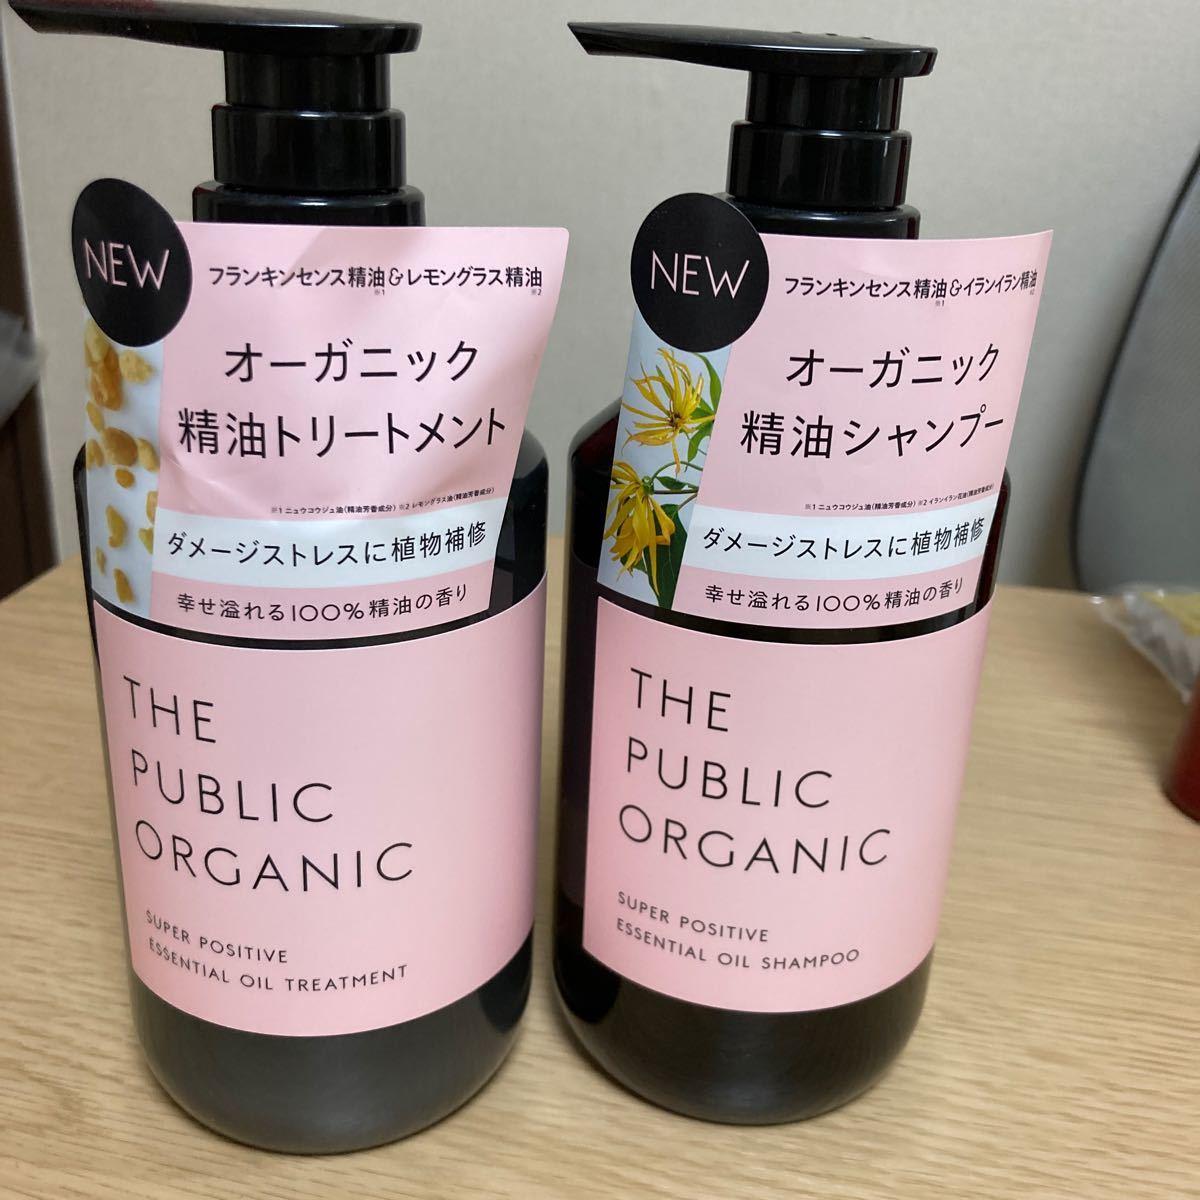 [緊急値下げ]N Organic THE PUBLIC ORGANIC [シャンプー トリートメント] 新品未使用 コスメ 美容